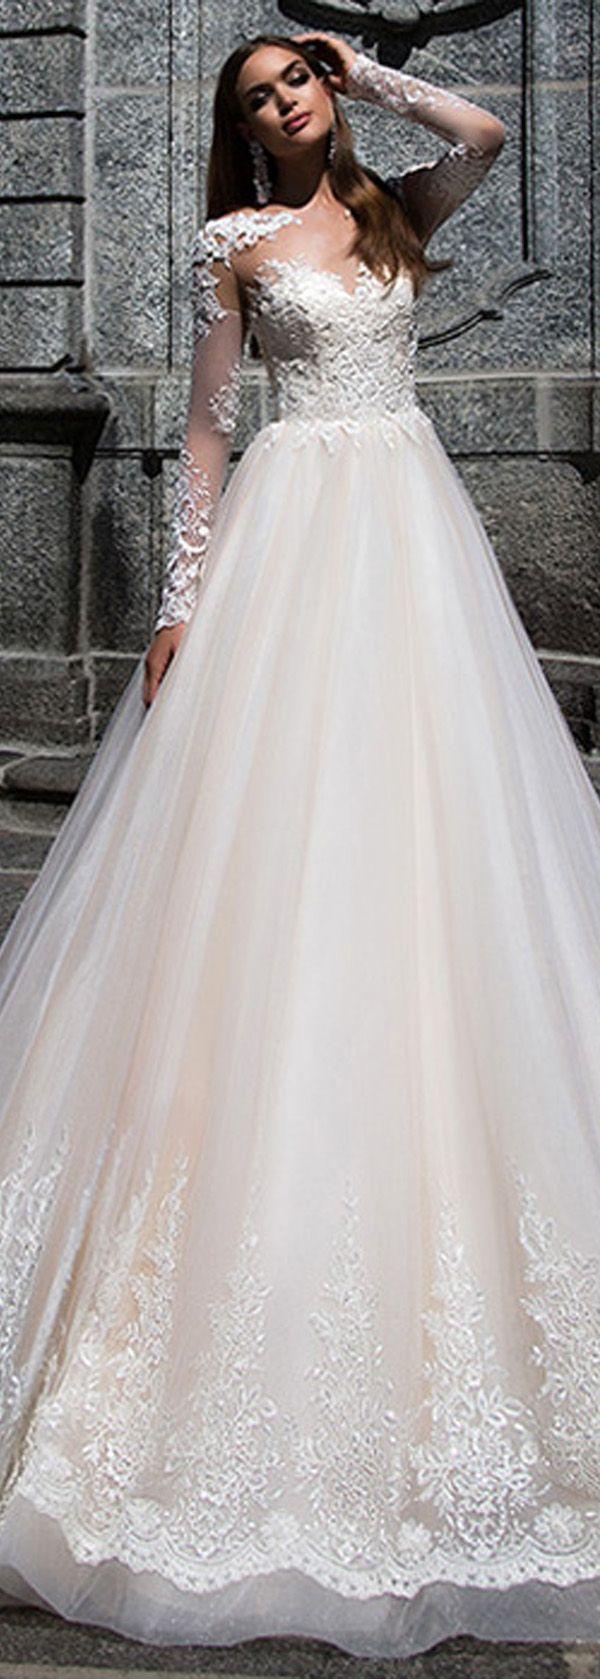 Charming Tulle Satin Bateau Neckline A Line Wedding Dresses With Lace Appliques Vestidos De Novia Princesa Vestidos De Novia Novia Princesa